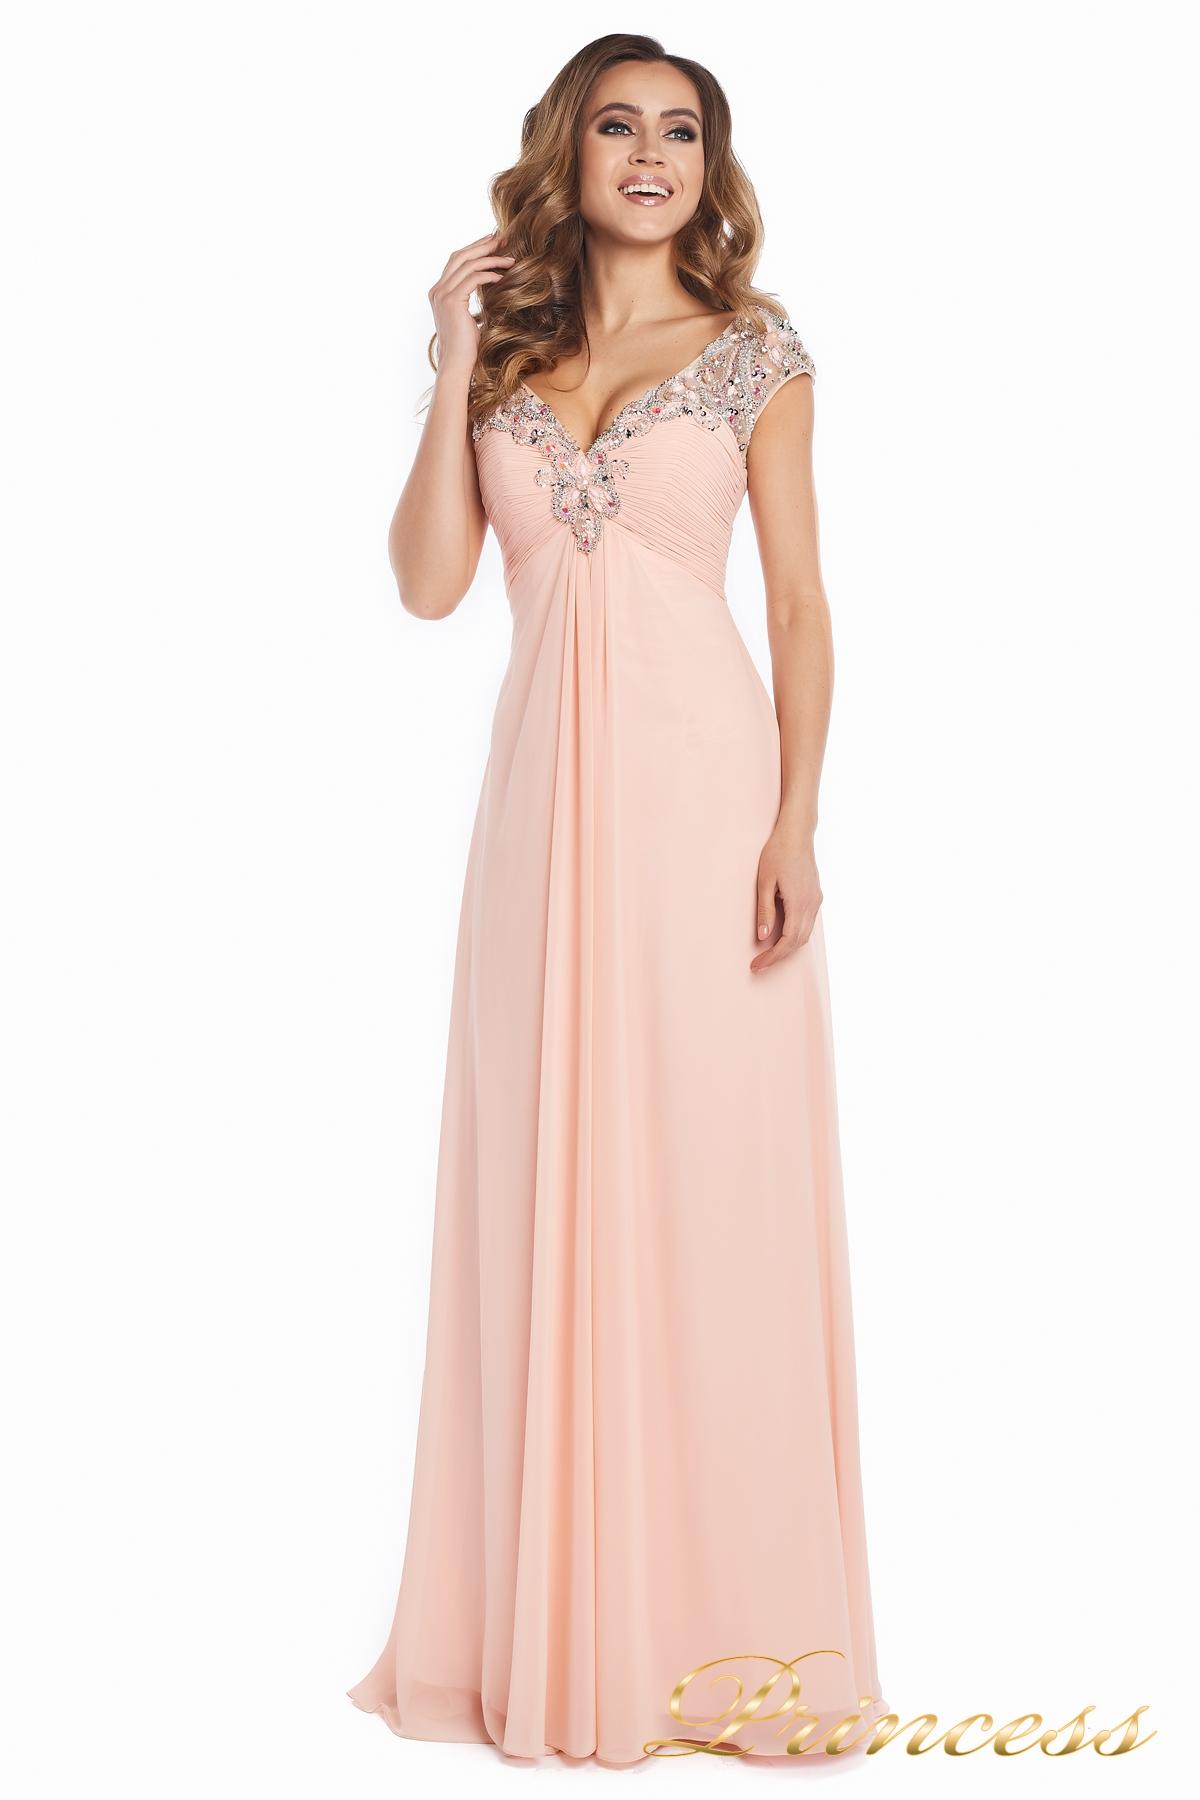 461bff248bf Купить вечернее платье №131587p розового цвета по цене 15000 руб. в ...